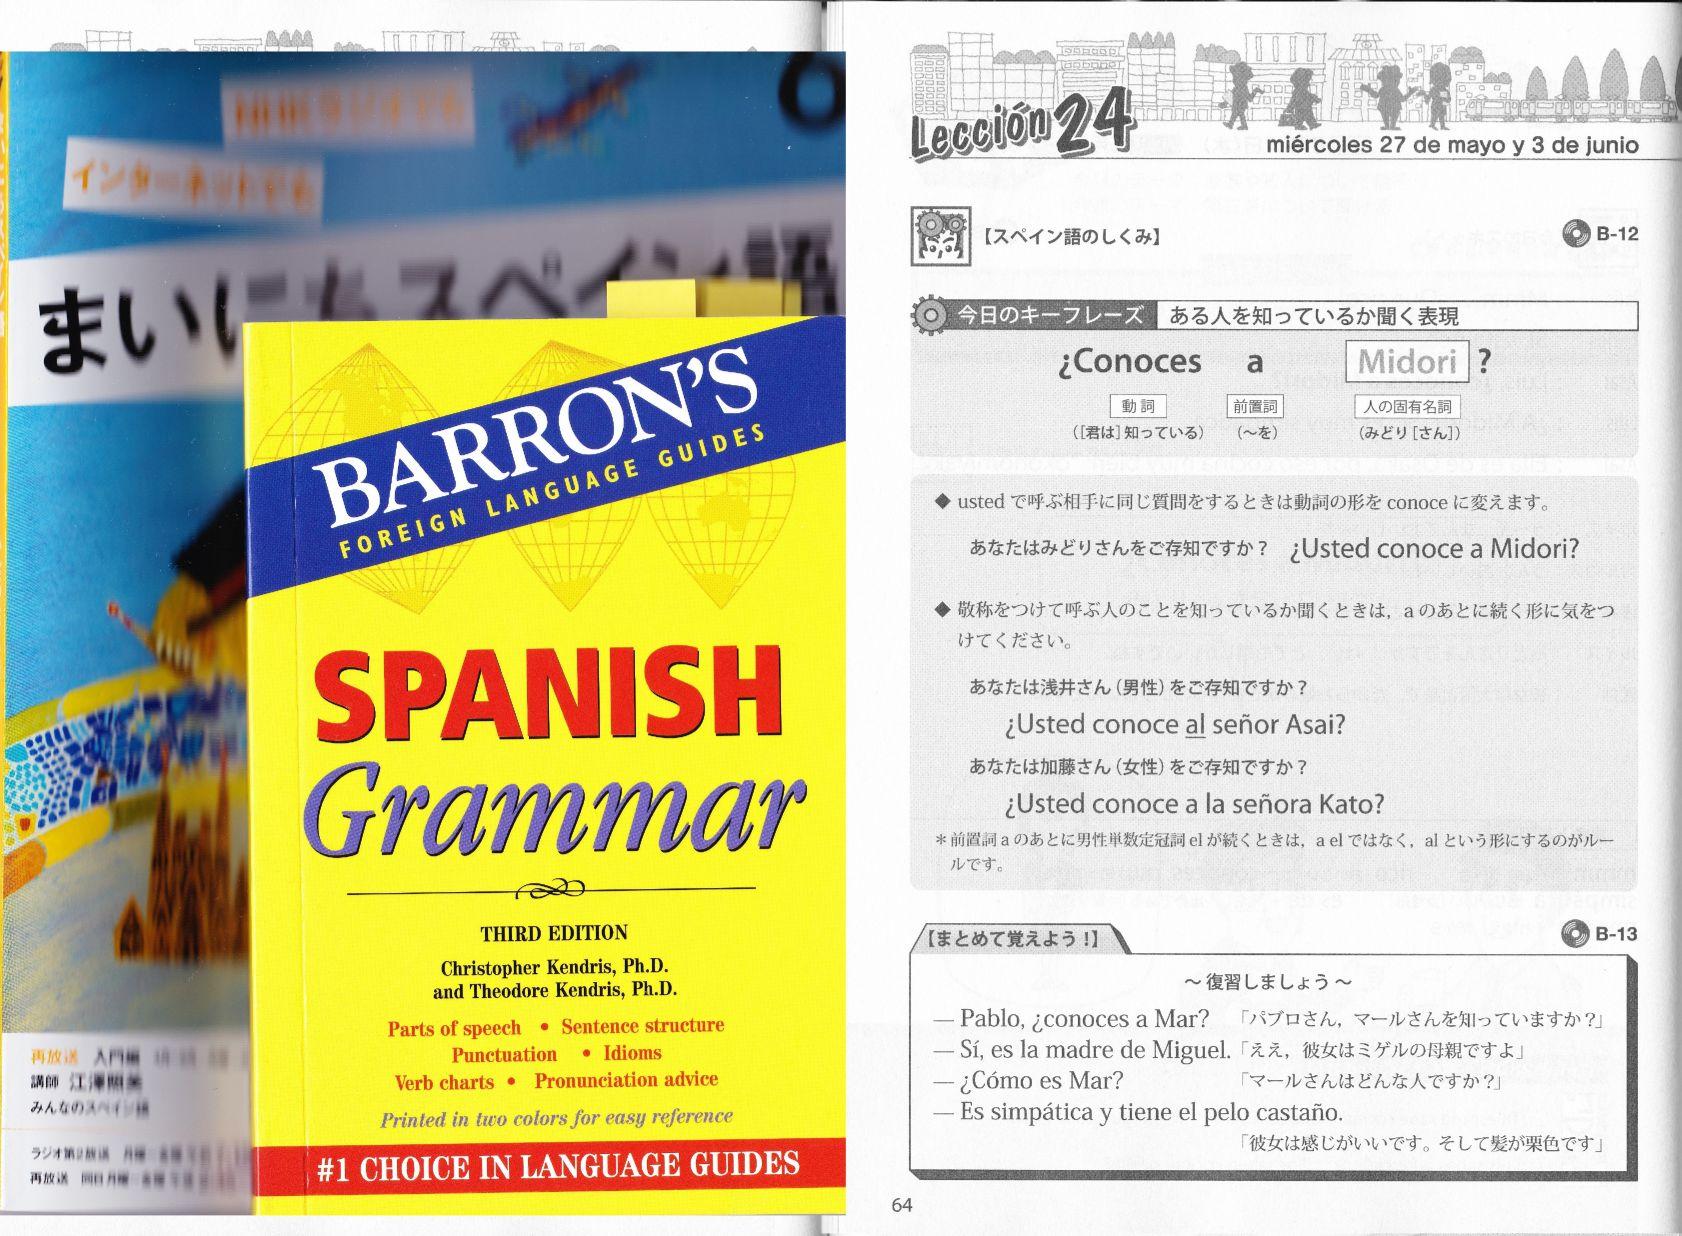 英語版スペイン語文法書 Barron\'s Spanish Grammar を買った (15年6月14日)_c0059093_14171333.jpg